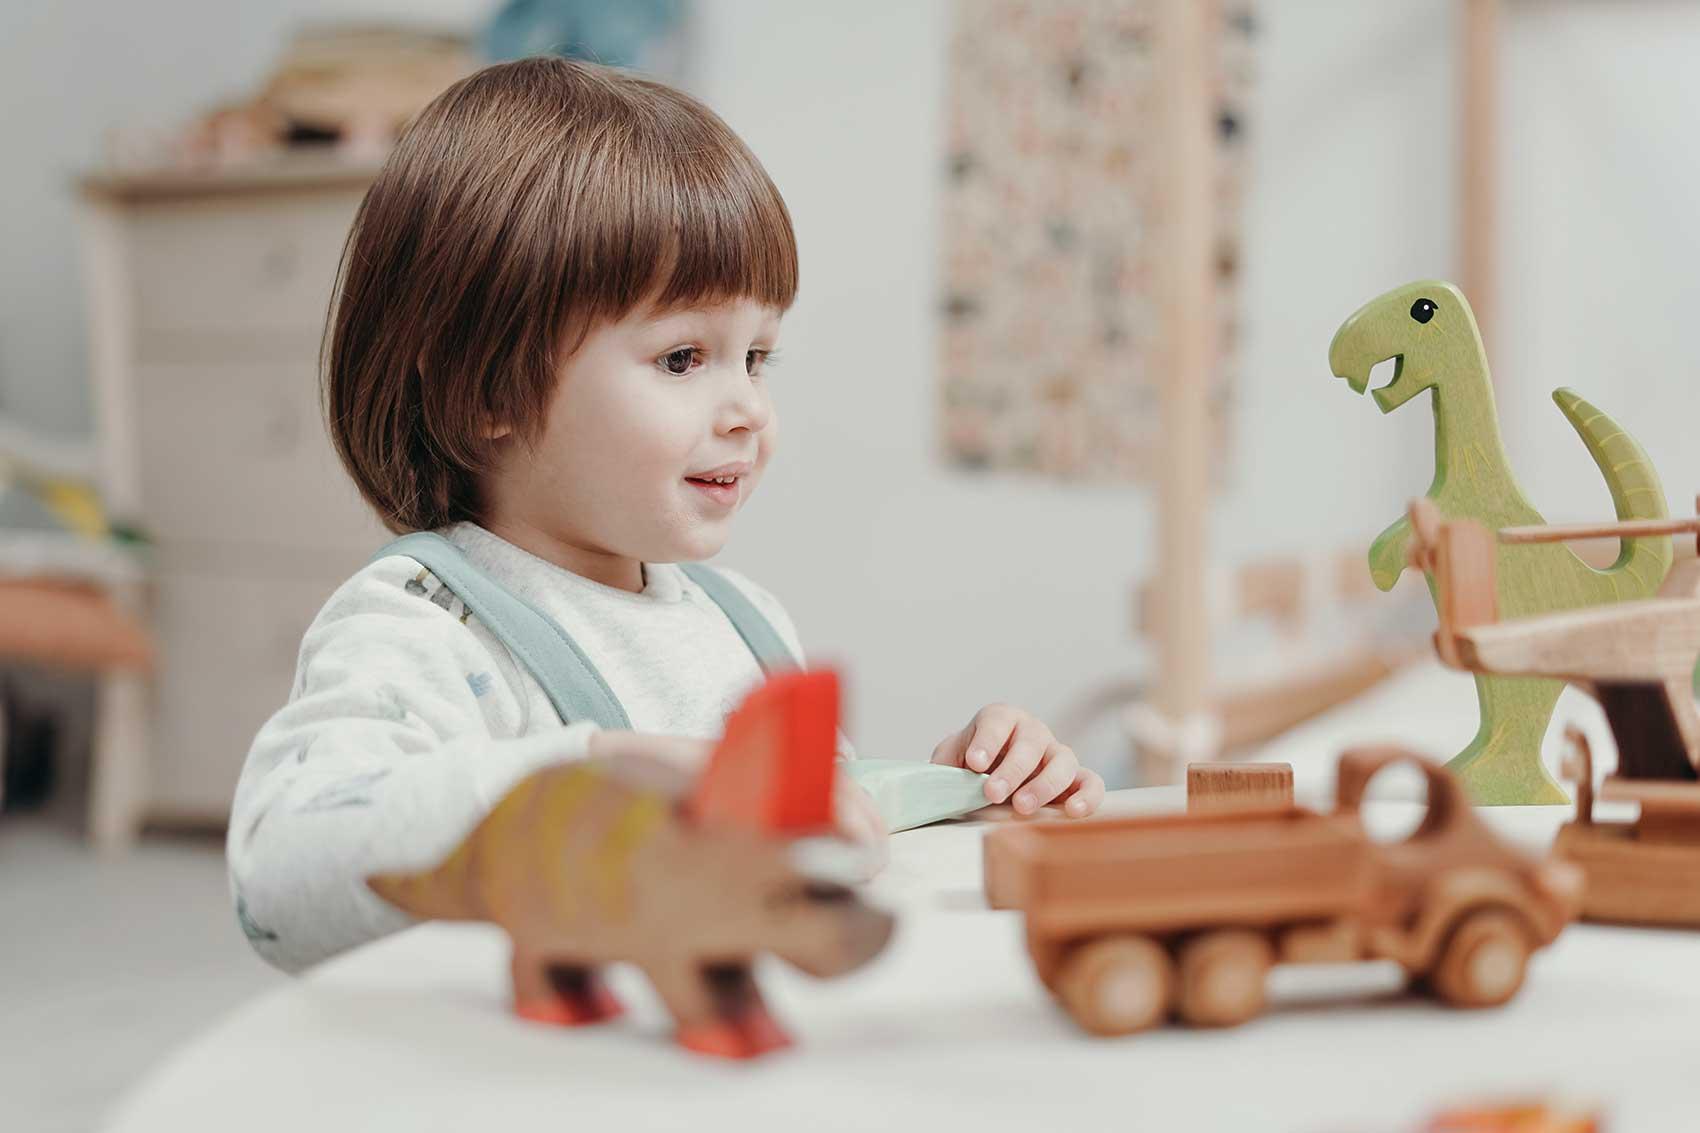 Лучшие товары для детей онлайн